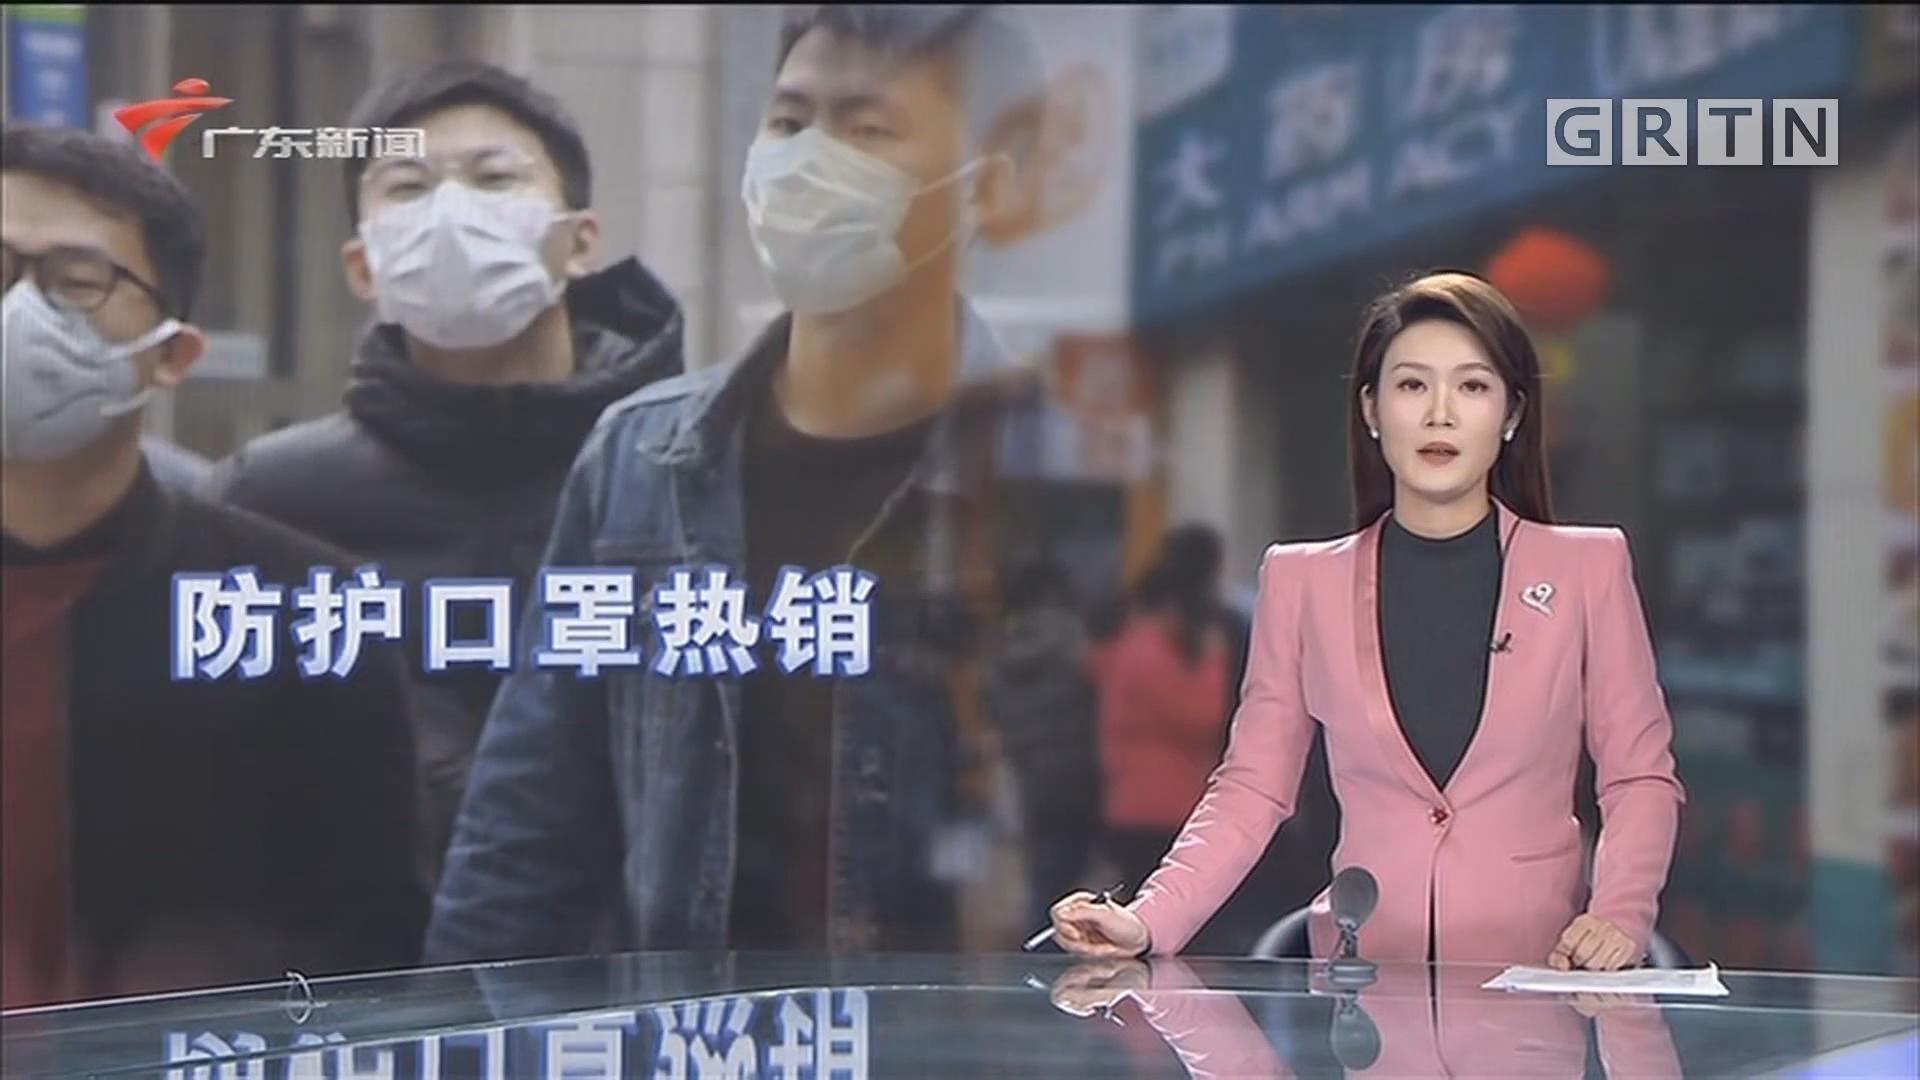 [HD][2020-01-21]今日焦点:广东:多措并举坚决防止疫情扩散蔓延